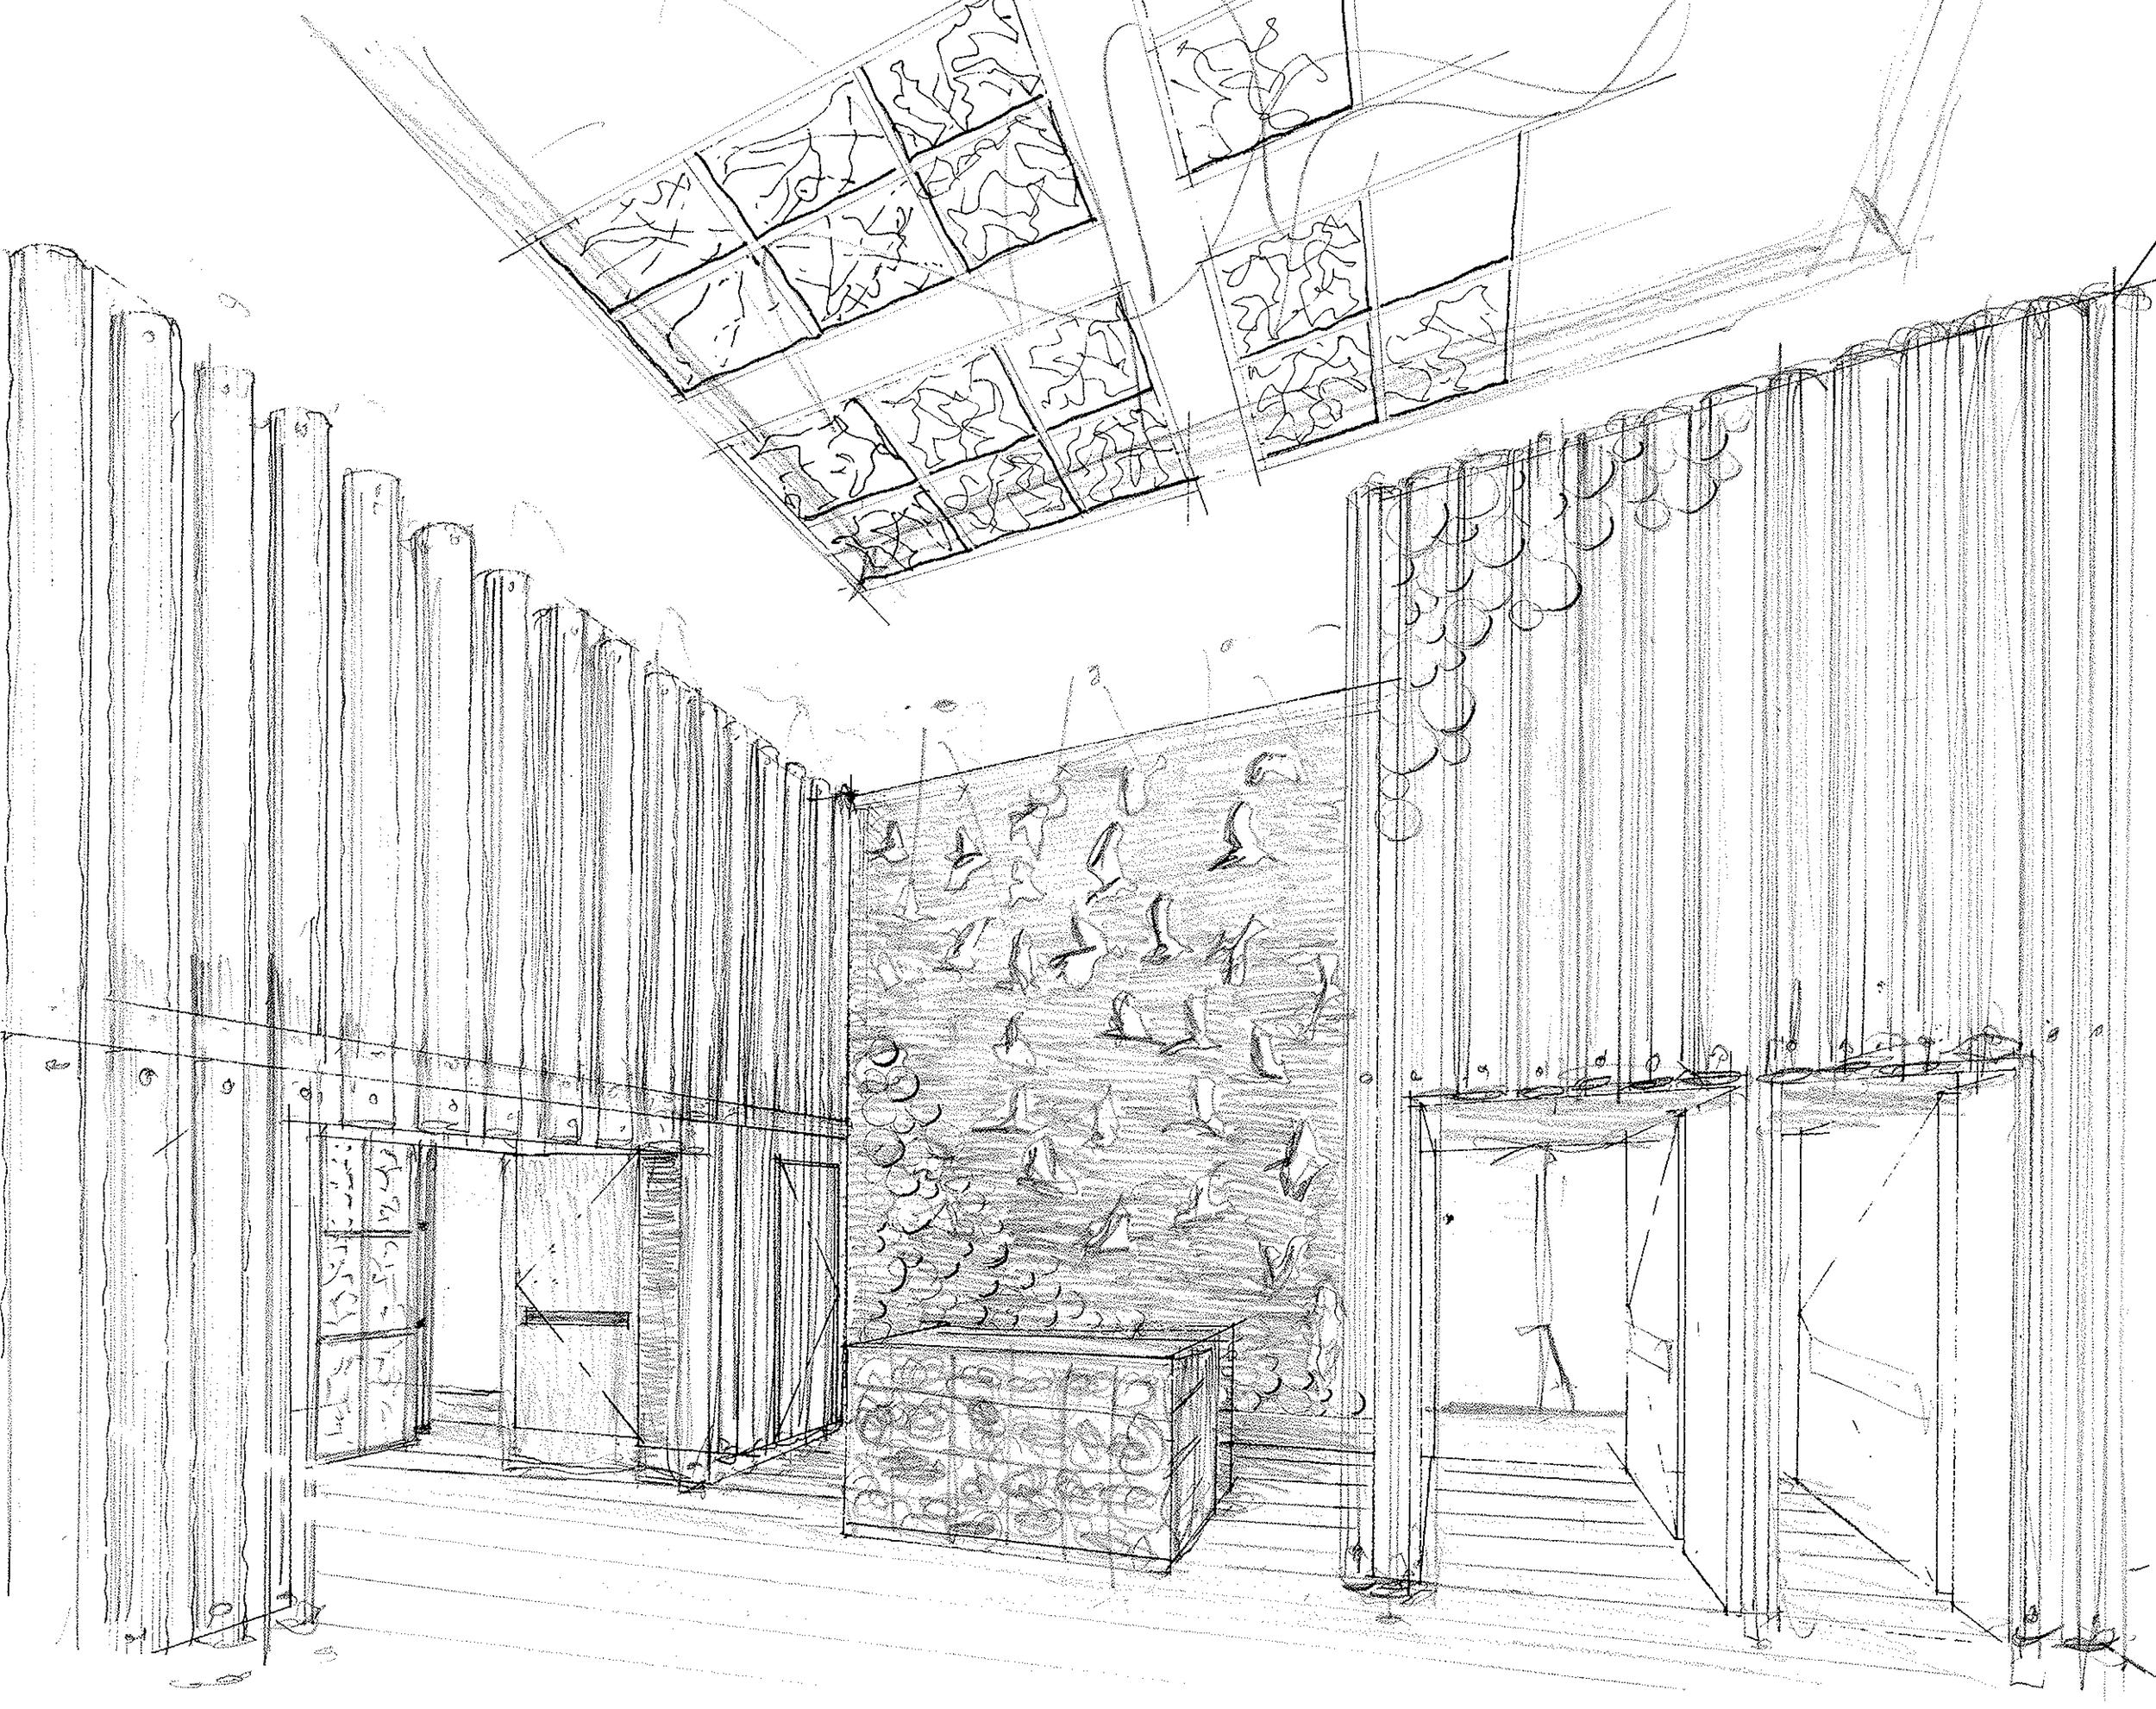 The Cove Architectural Development